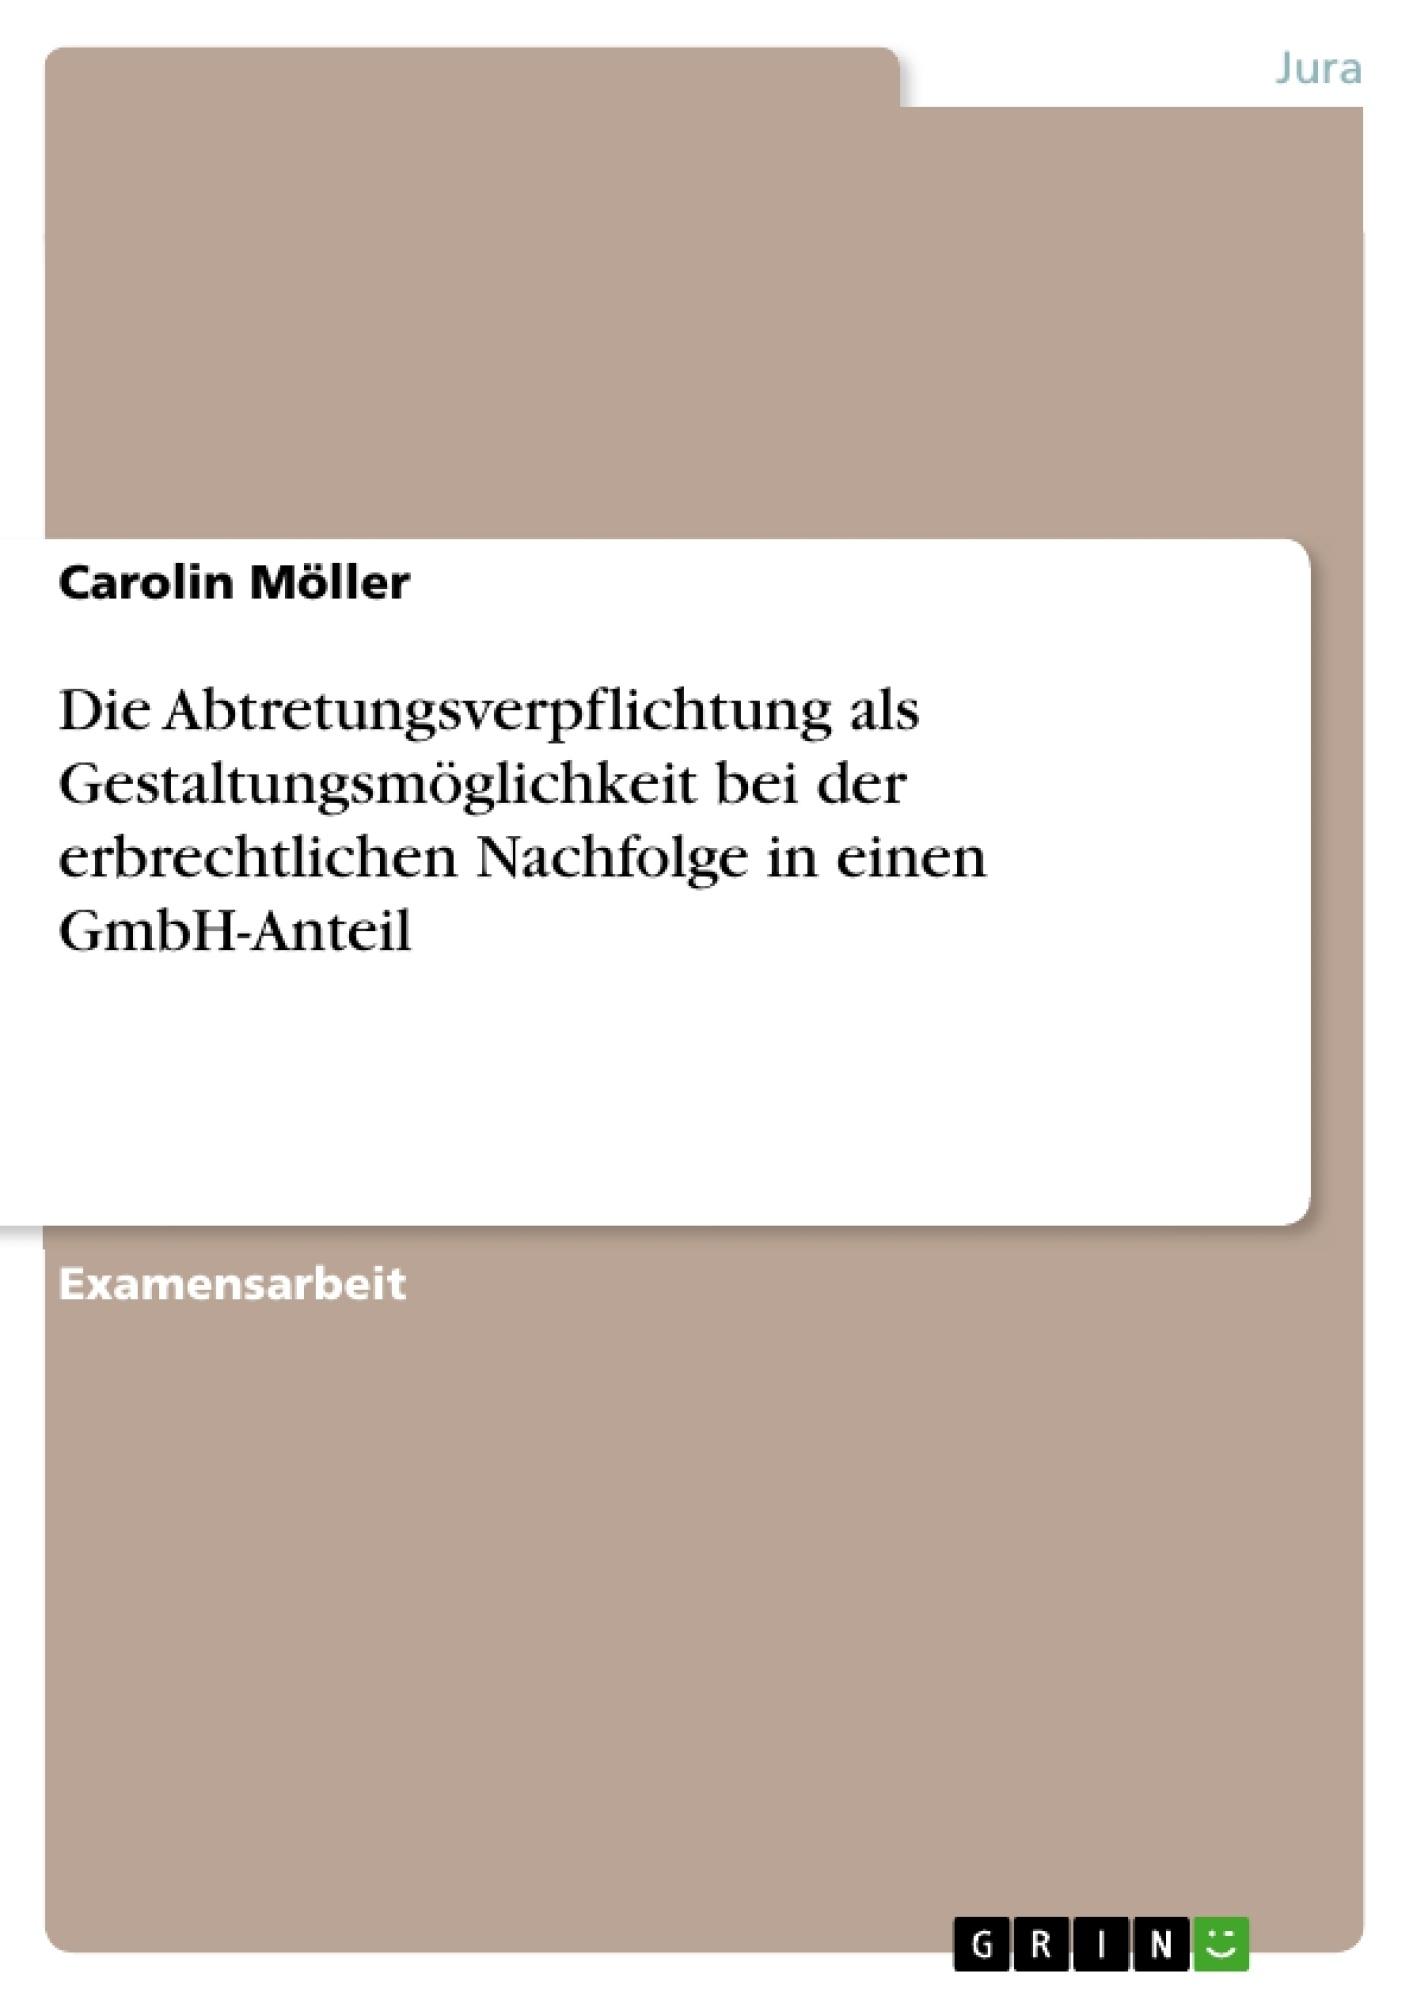 Titel: Die Abtretungsverpflichtung als Gestaltungsmöglichkeit bei der erbrechtlichen Nachfolge in einen GmbH-Anteil